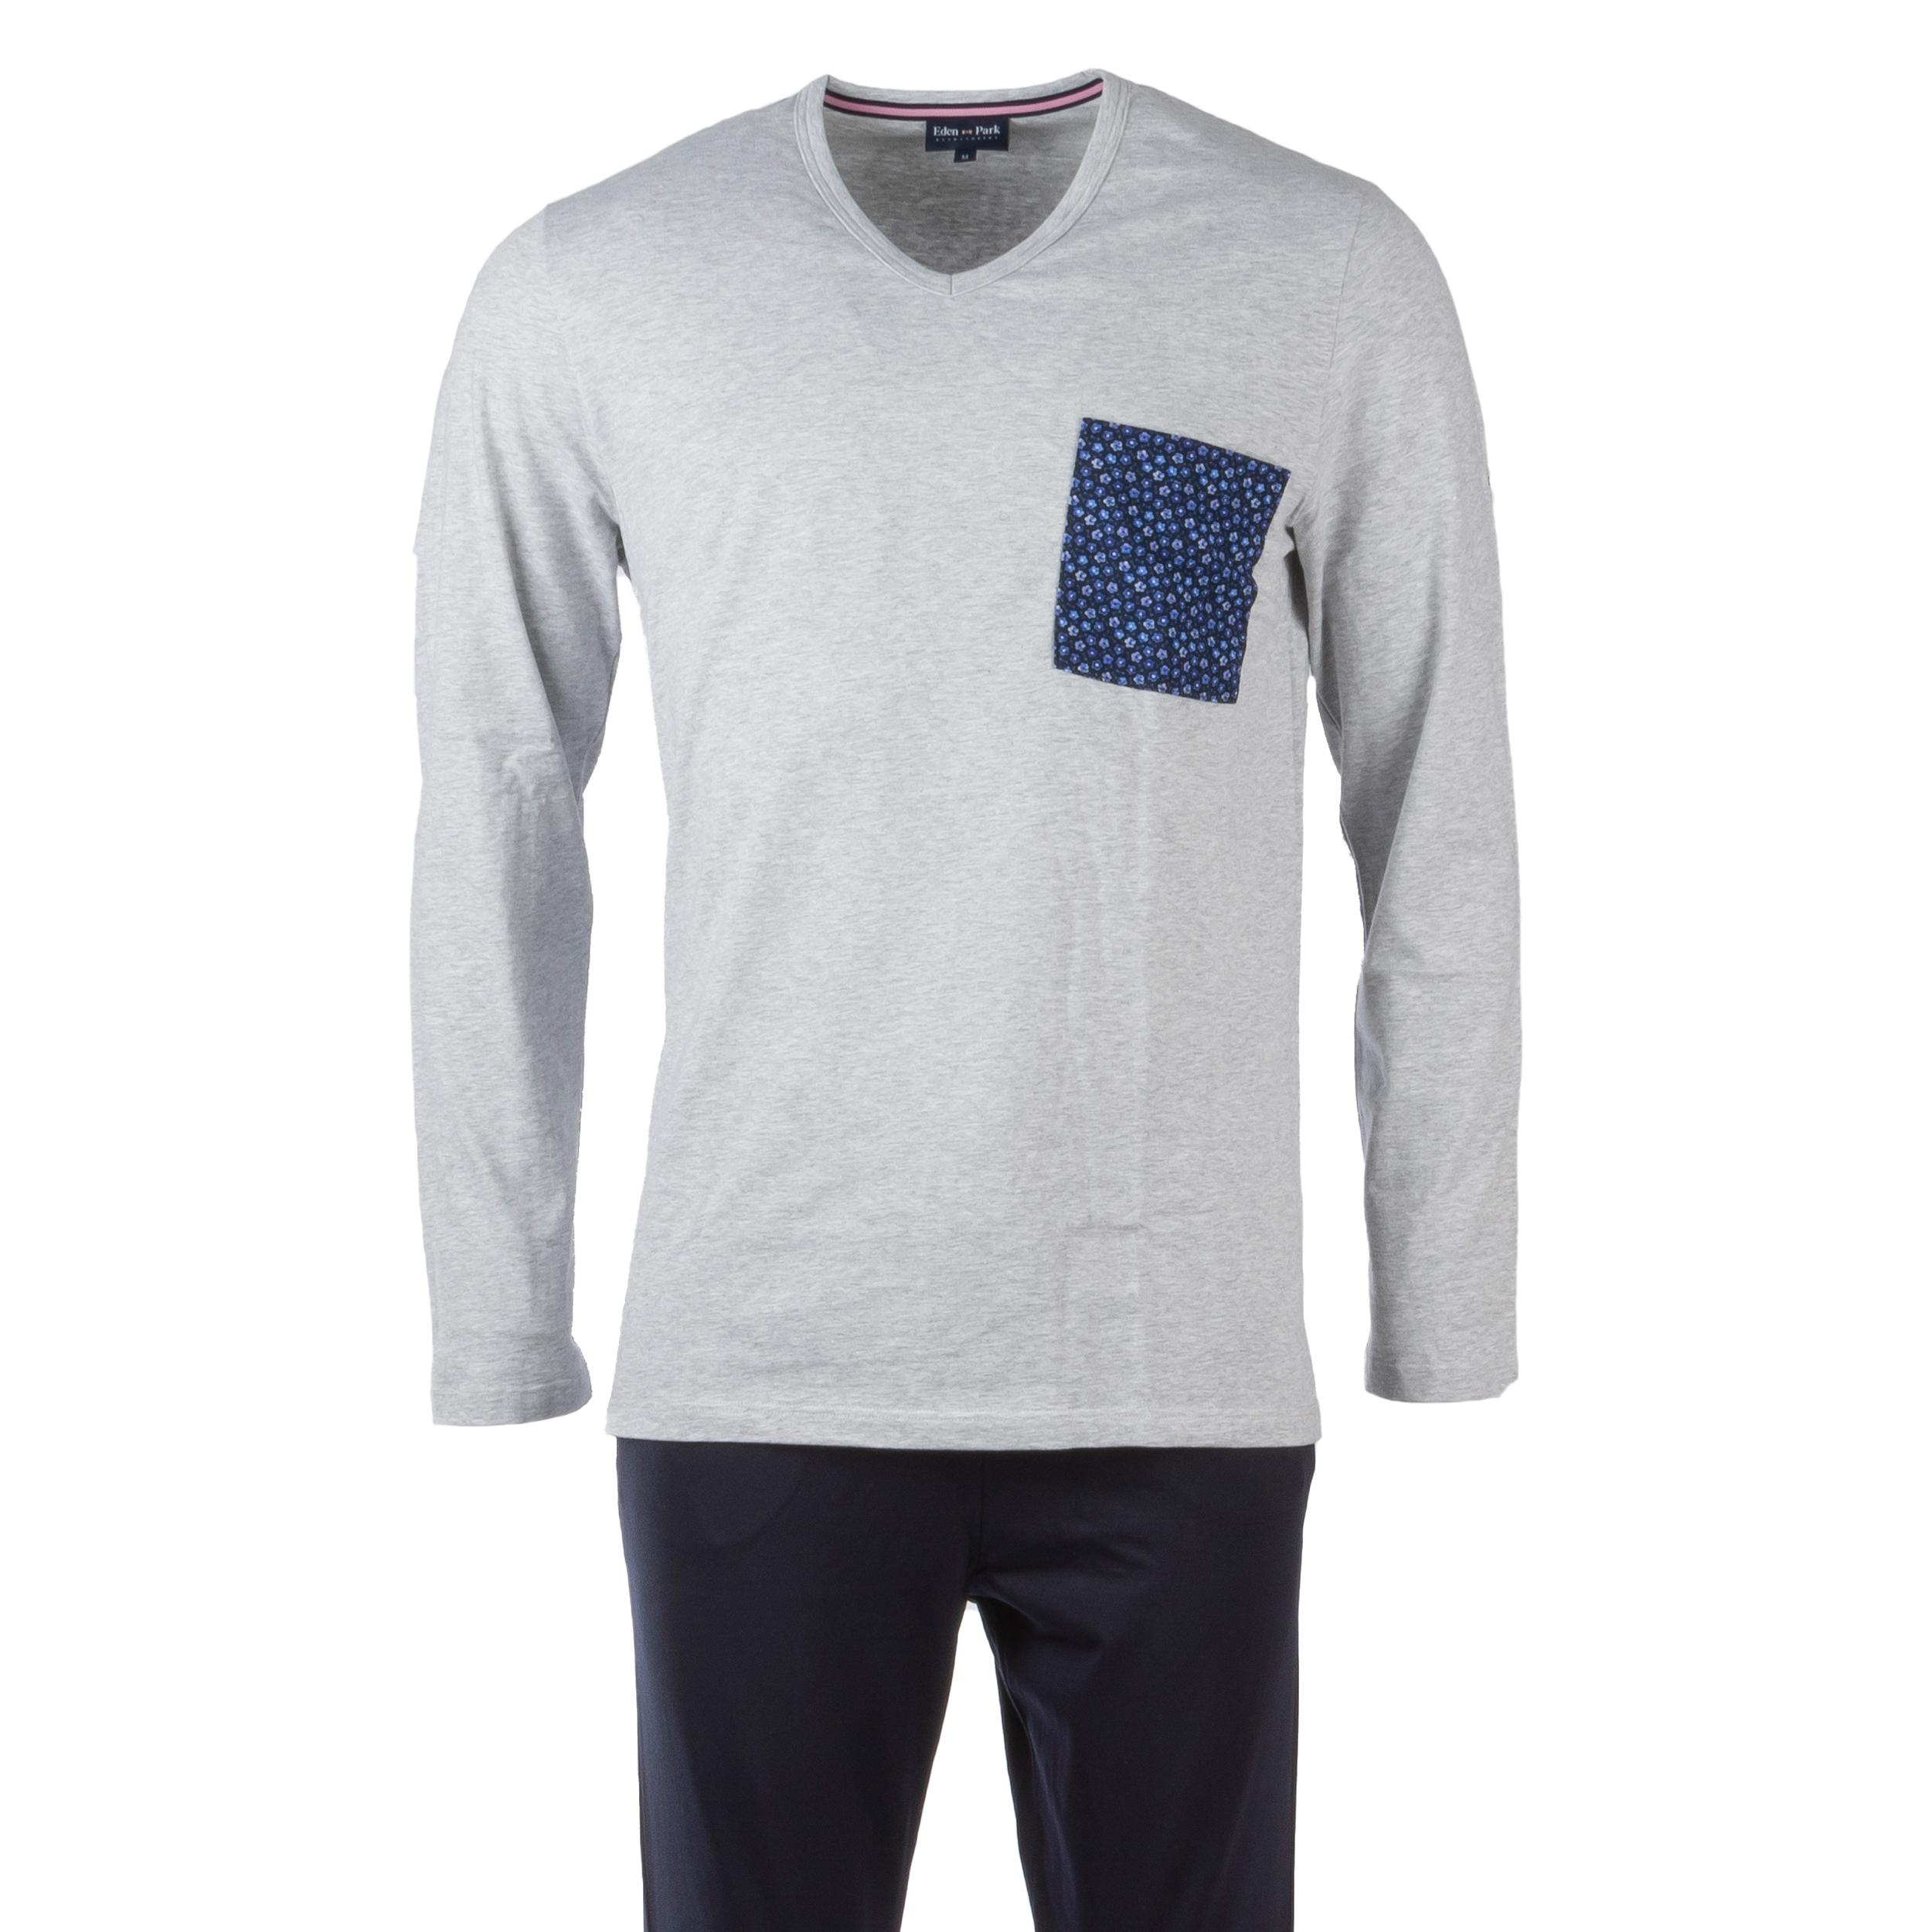 Pyjama long eden park en coton : tee-shirt manches longues col v gris chiné et pantalon bleu marine